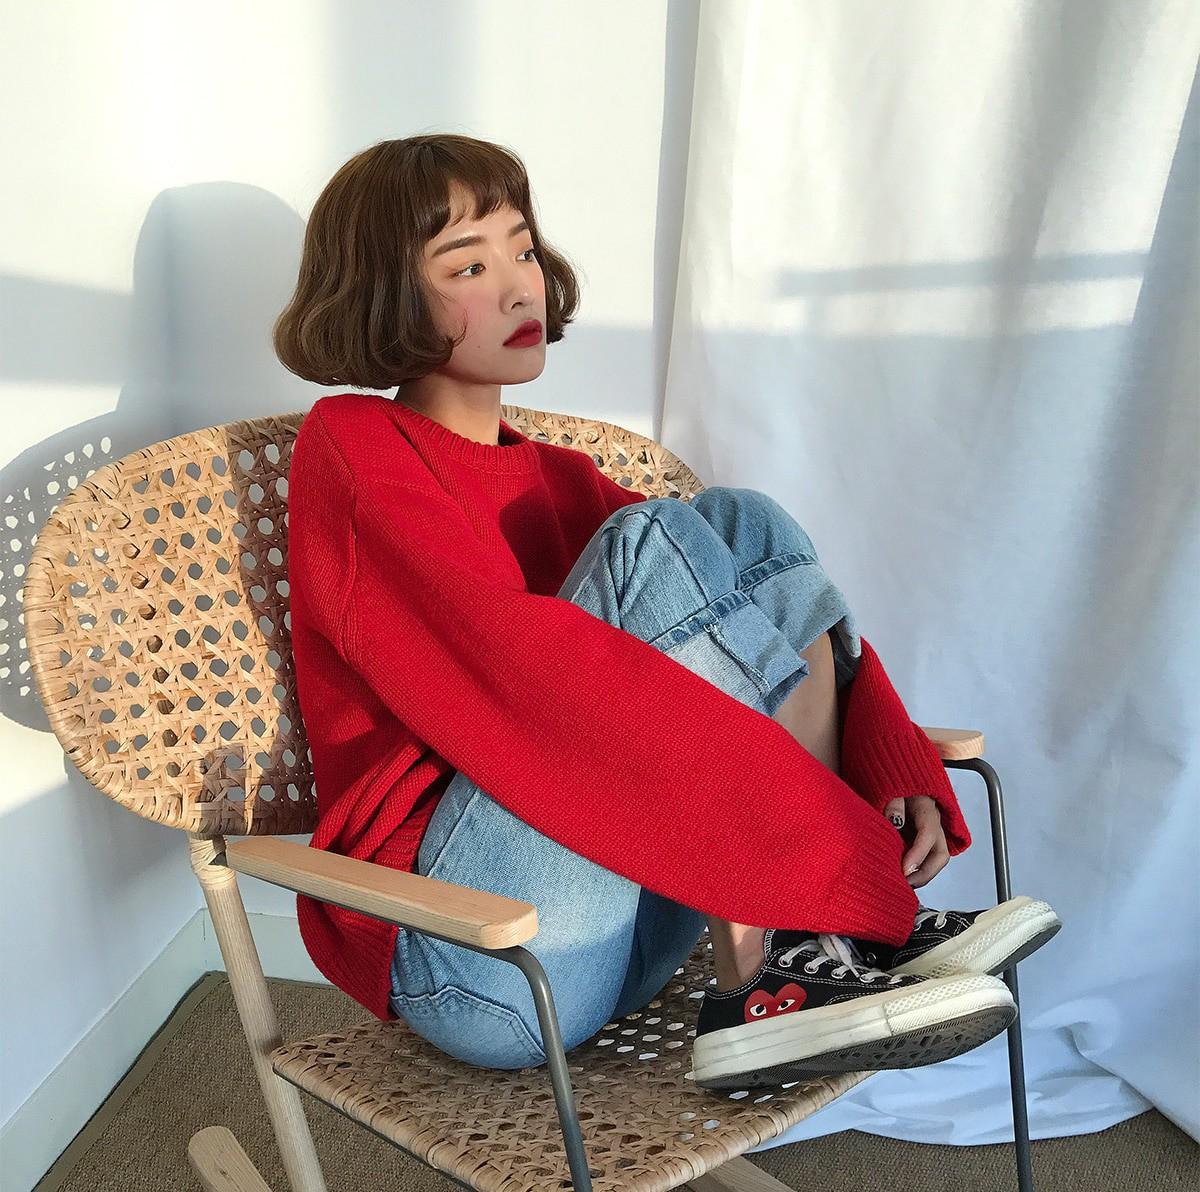 12 Gợi ý mix đồ với áo len đỏ xinh lung linh cho bạn đi chơi Giáng sinh